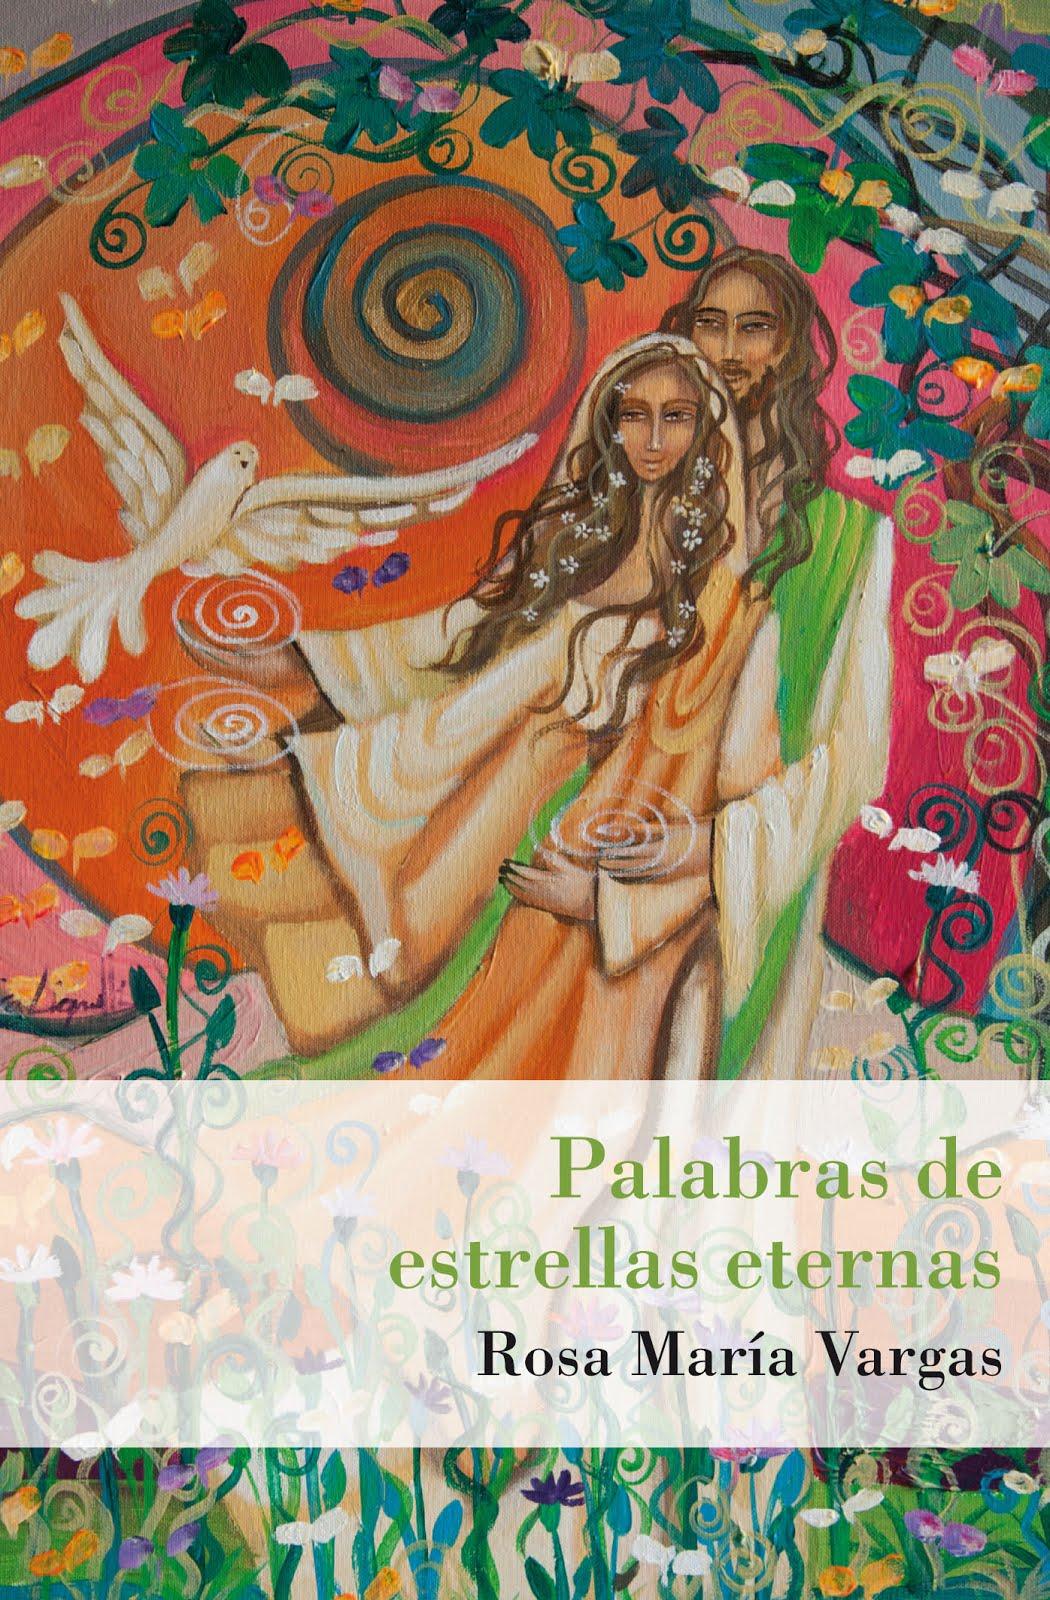 Nuevo libro de Rosa Maria vargas